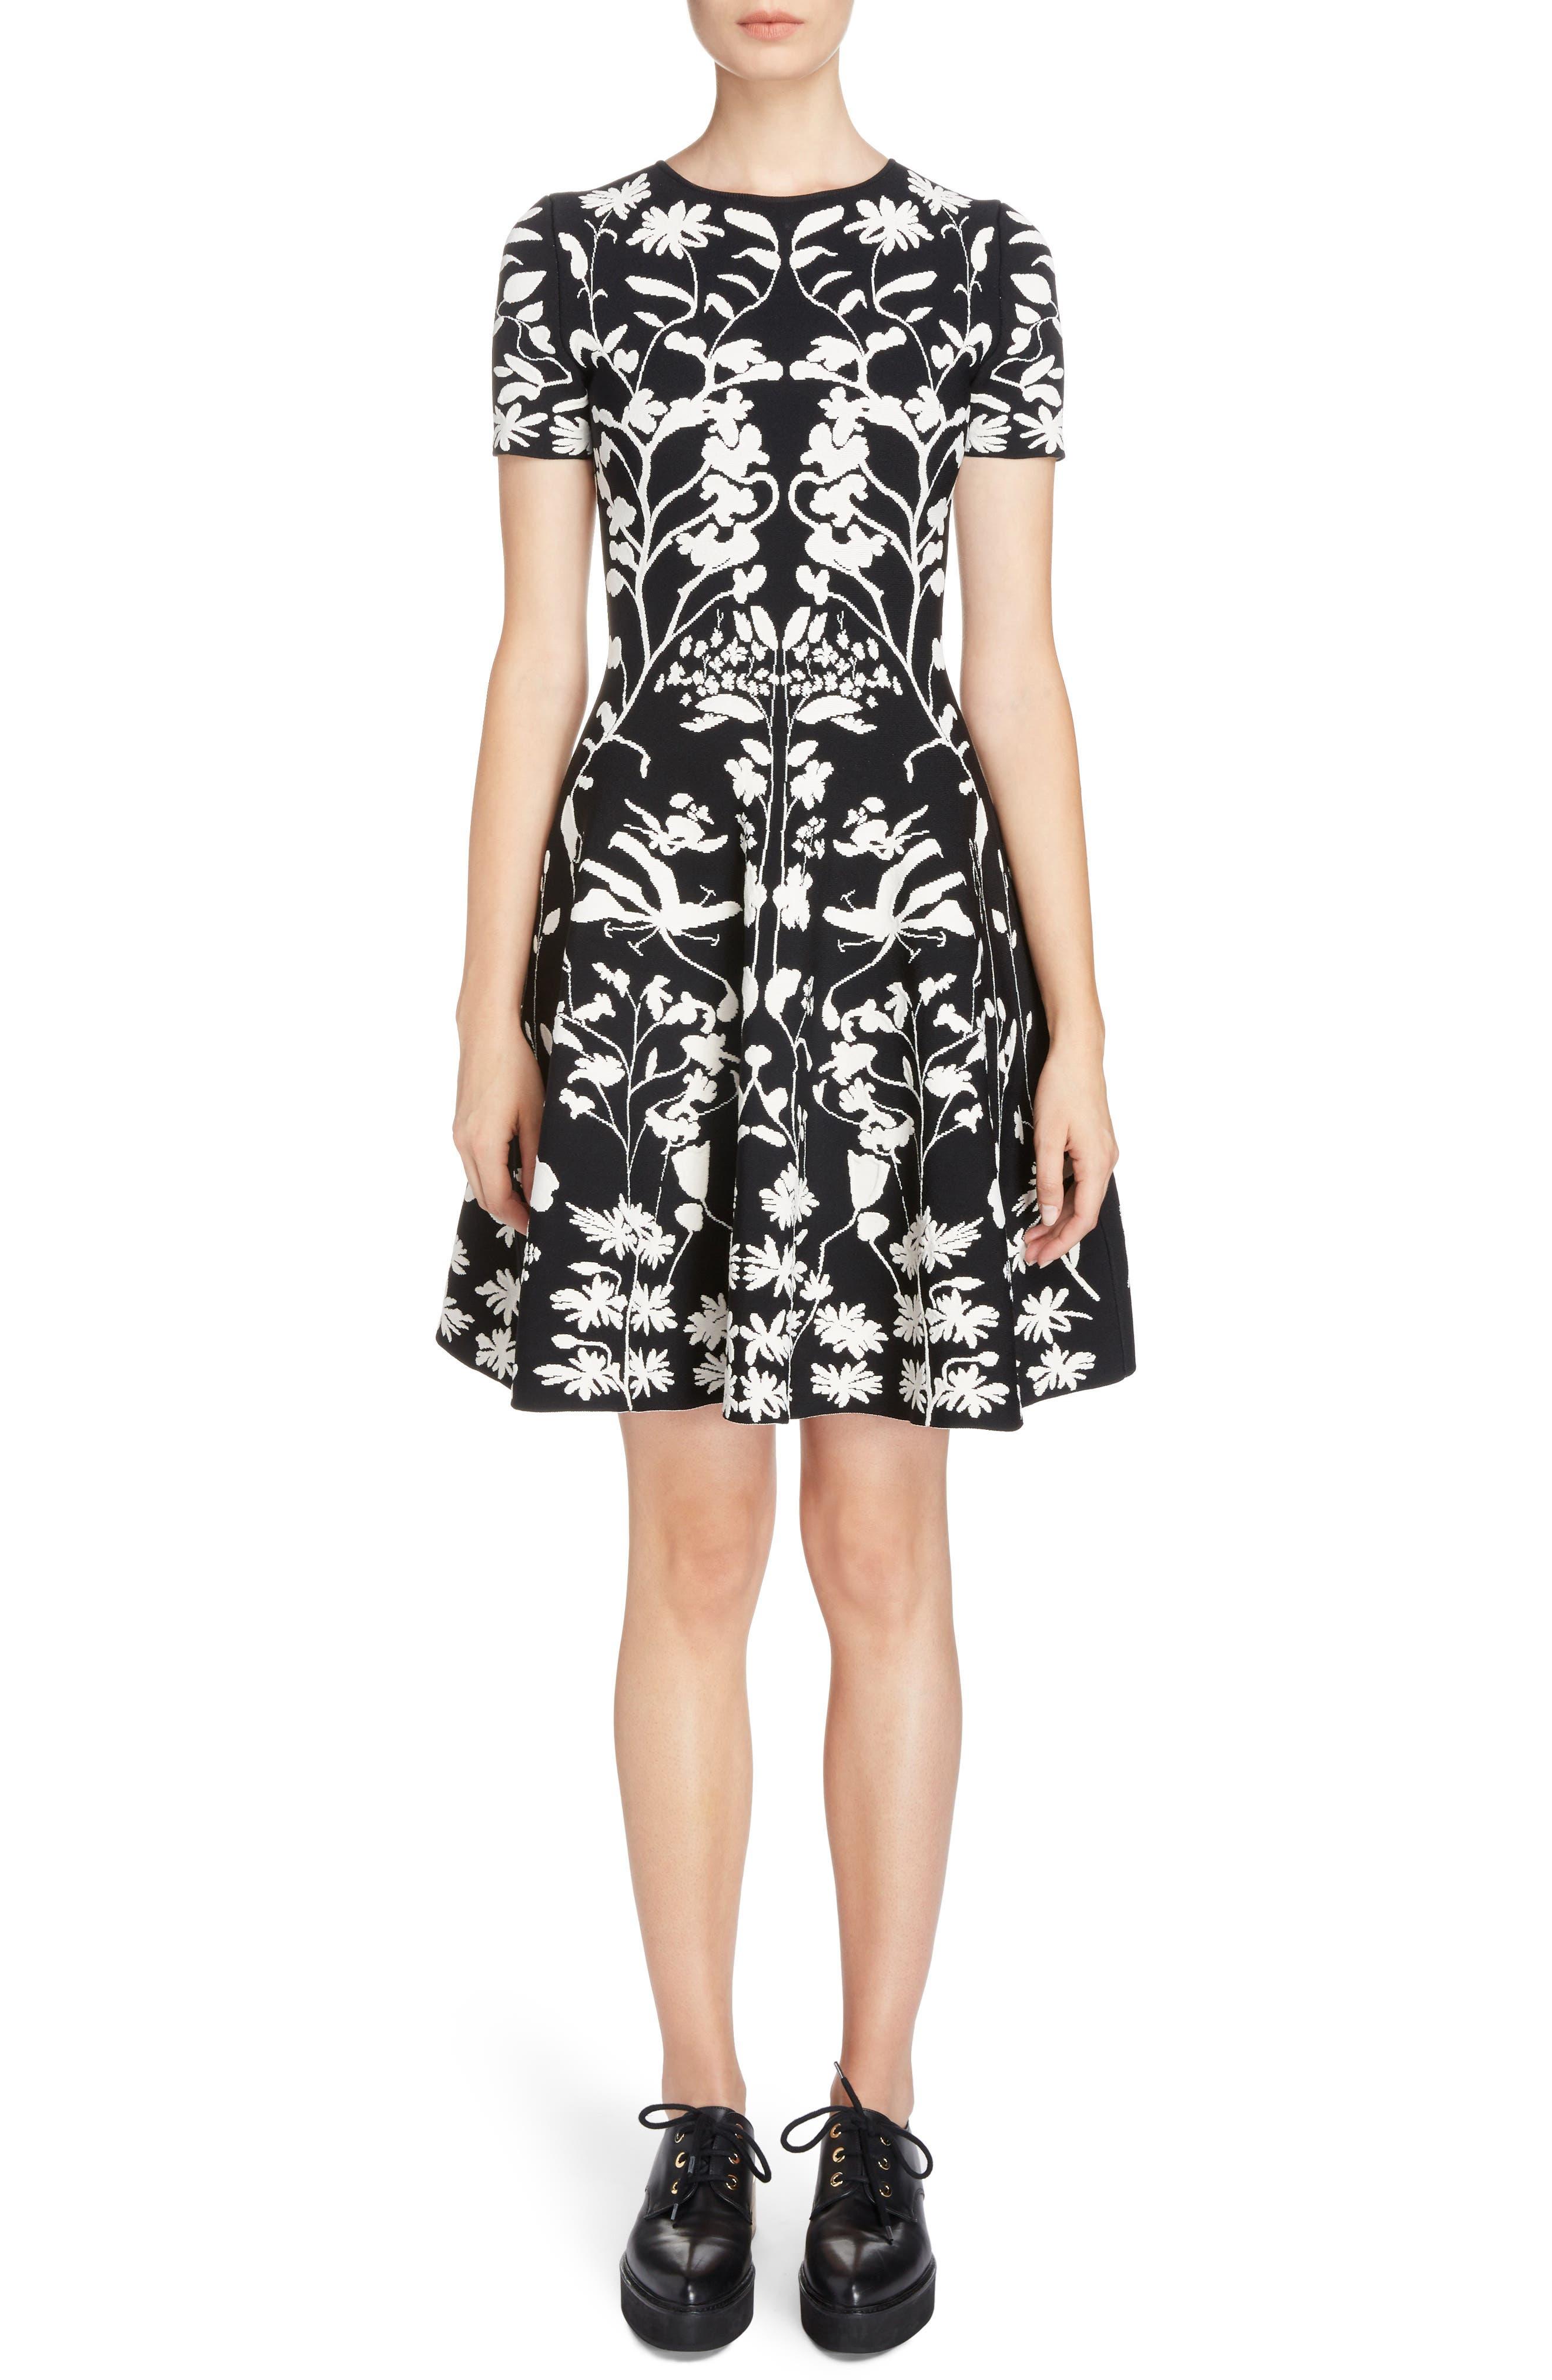 Botanical Jacquard Knit Flounce Dress,                             Main thumbnail 1, color,                             Black/ Ivory